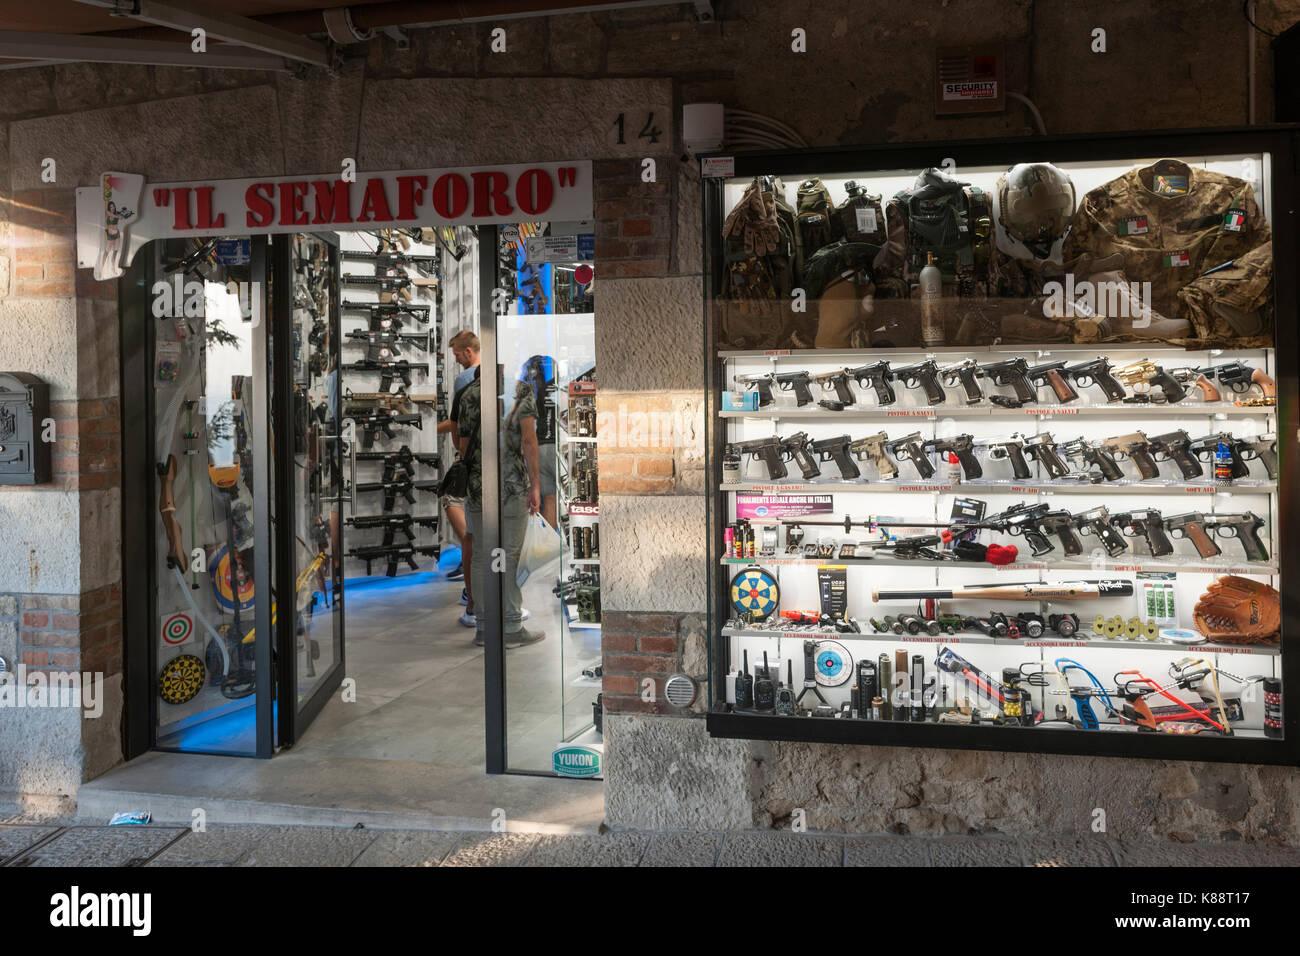 Uno dei numerosi negozi specializzati in pistole ad aria e imitazioni di armi nel centro storico di San Marino. Immagini Stock